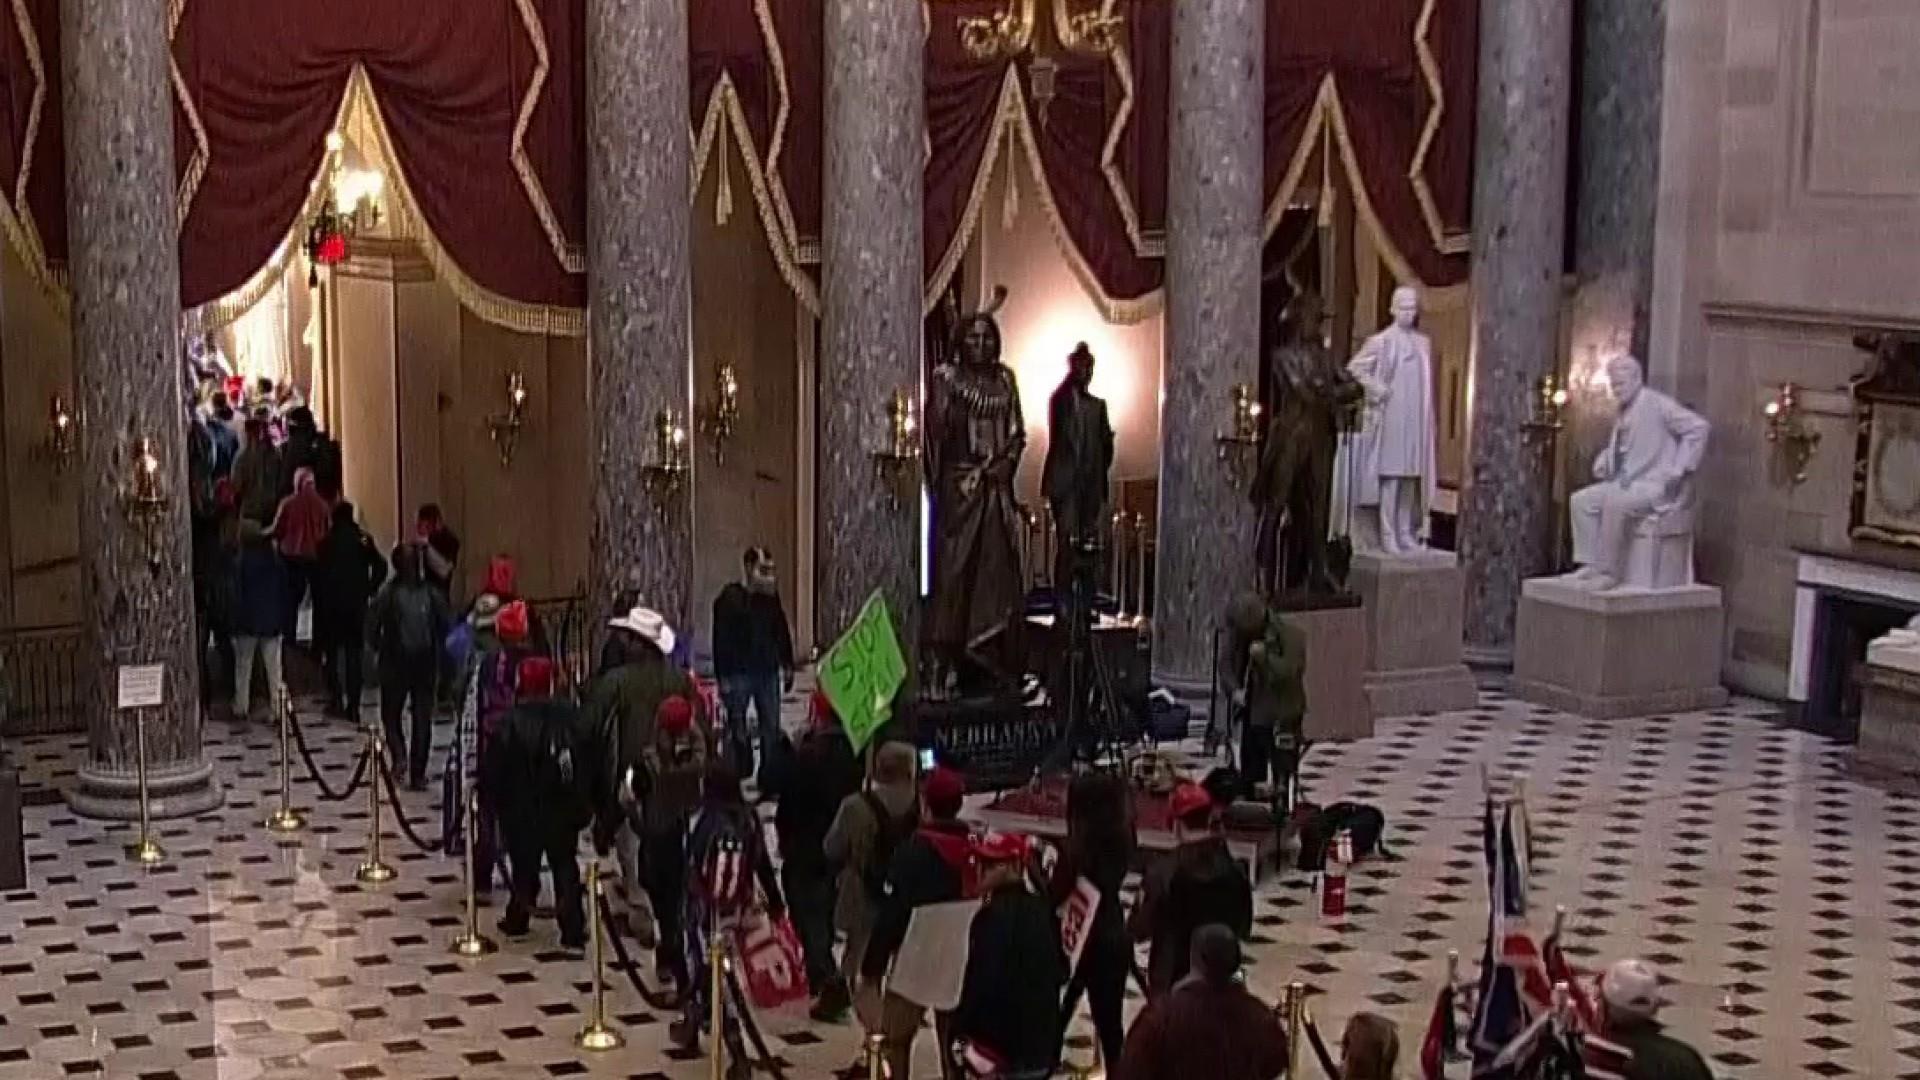 Protesters enter Capitol building in unprecedented security breach